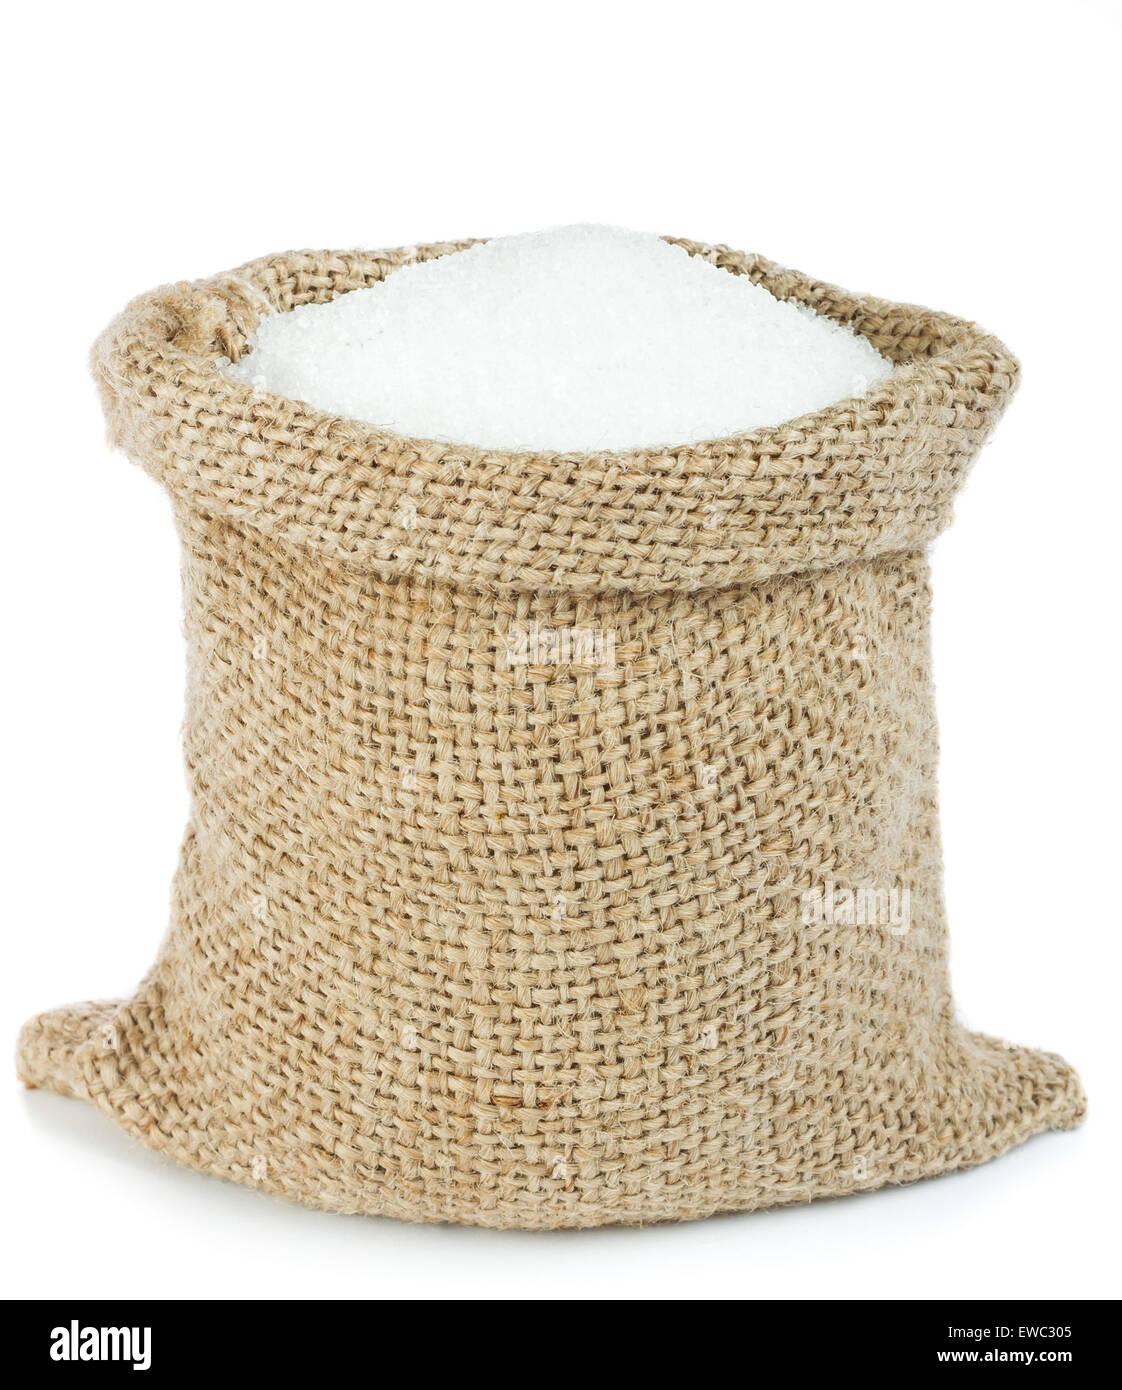 White sugar in burlap bag - Stock Image